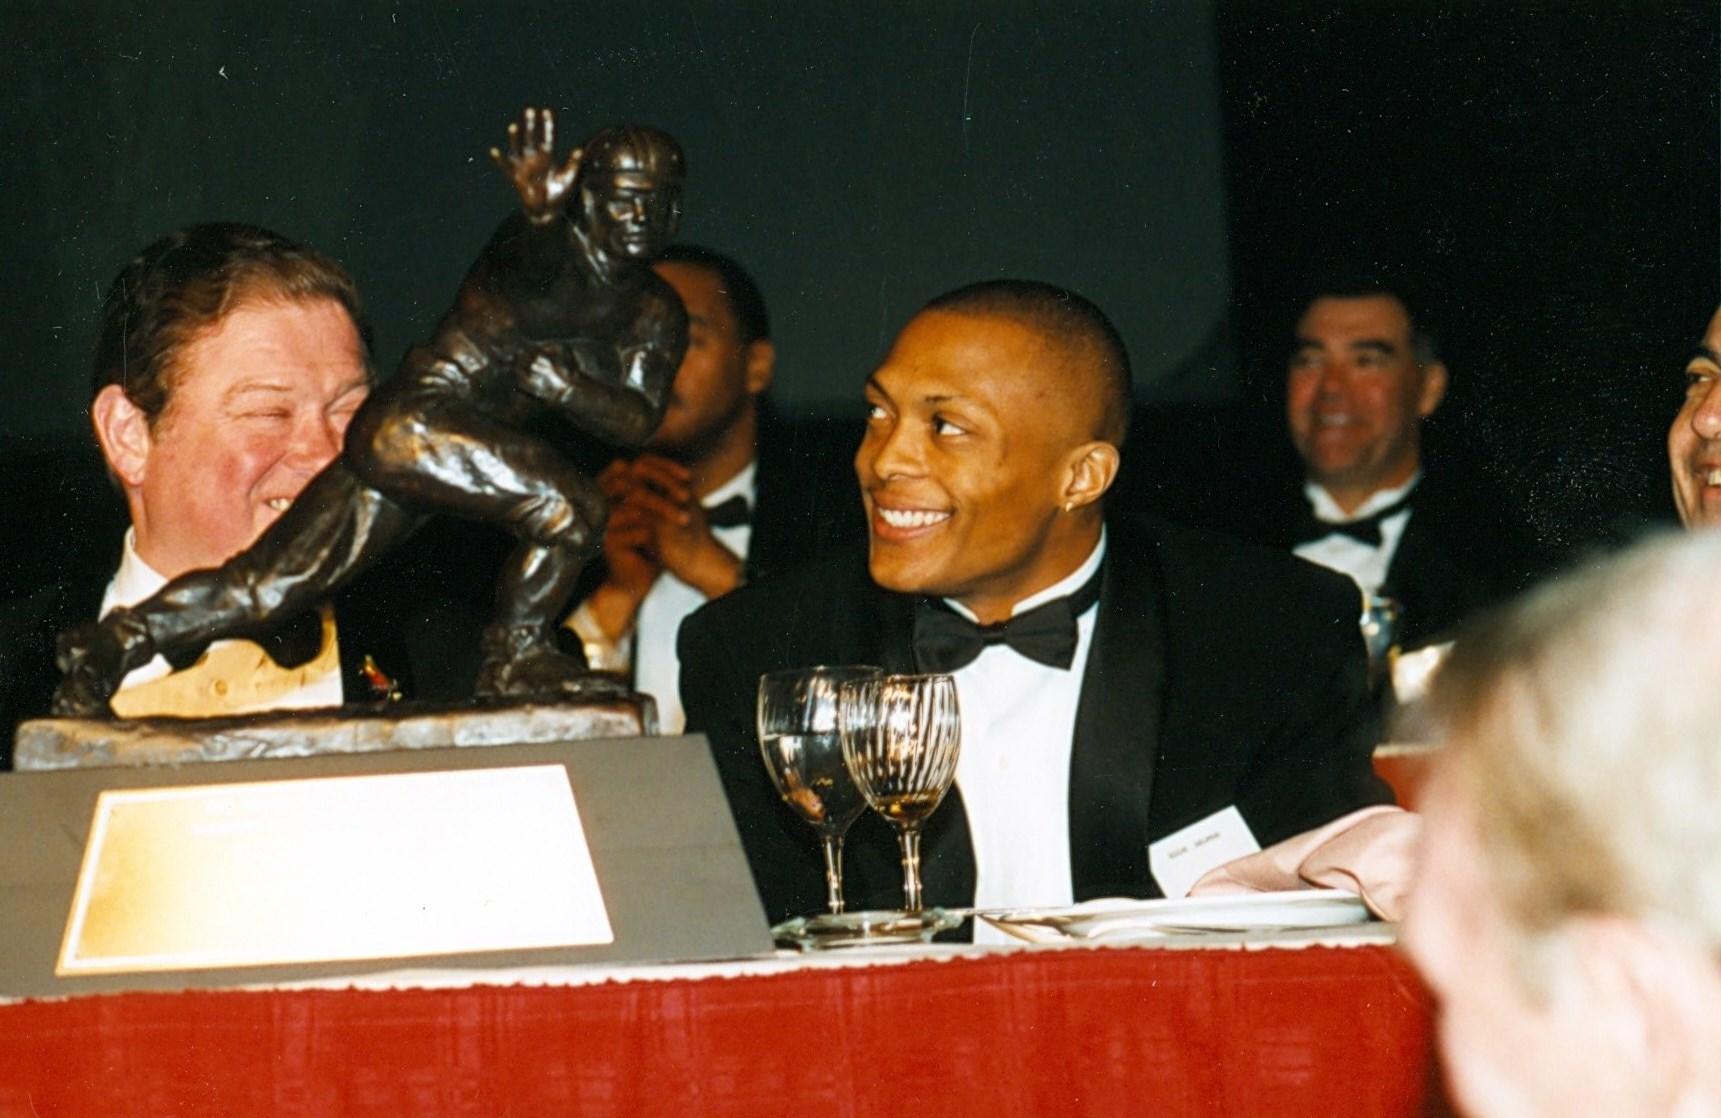 Eddie George 1995 Heisman Trophy winner